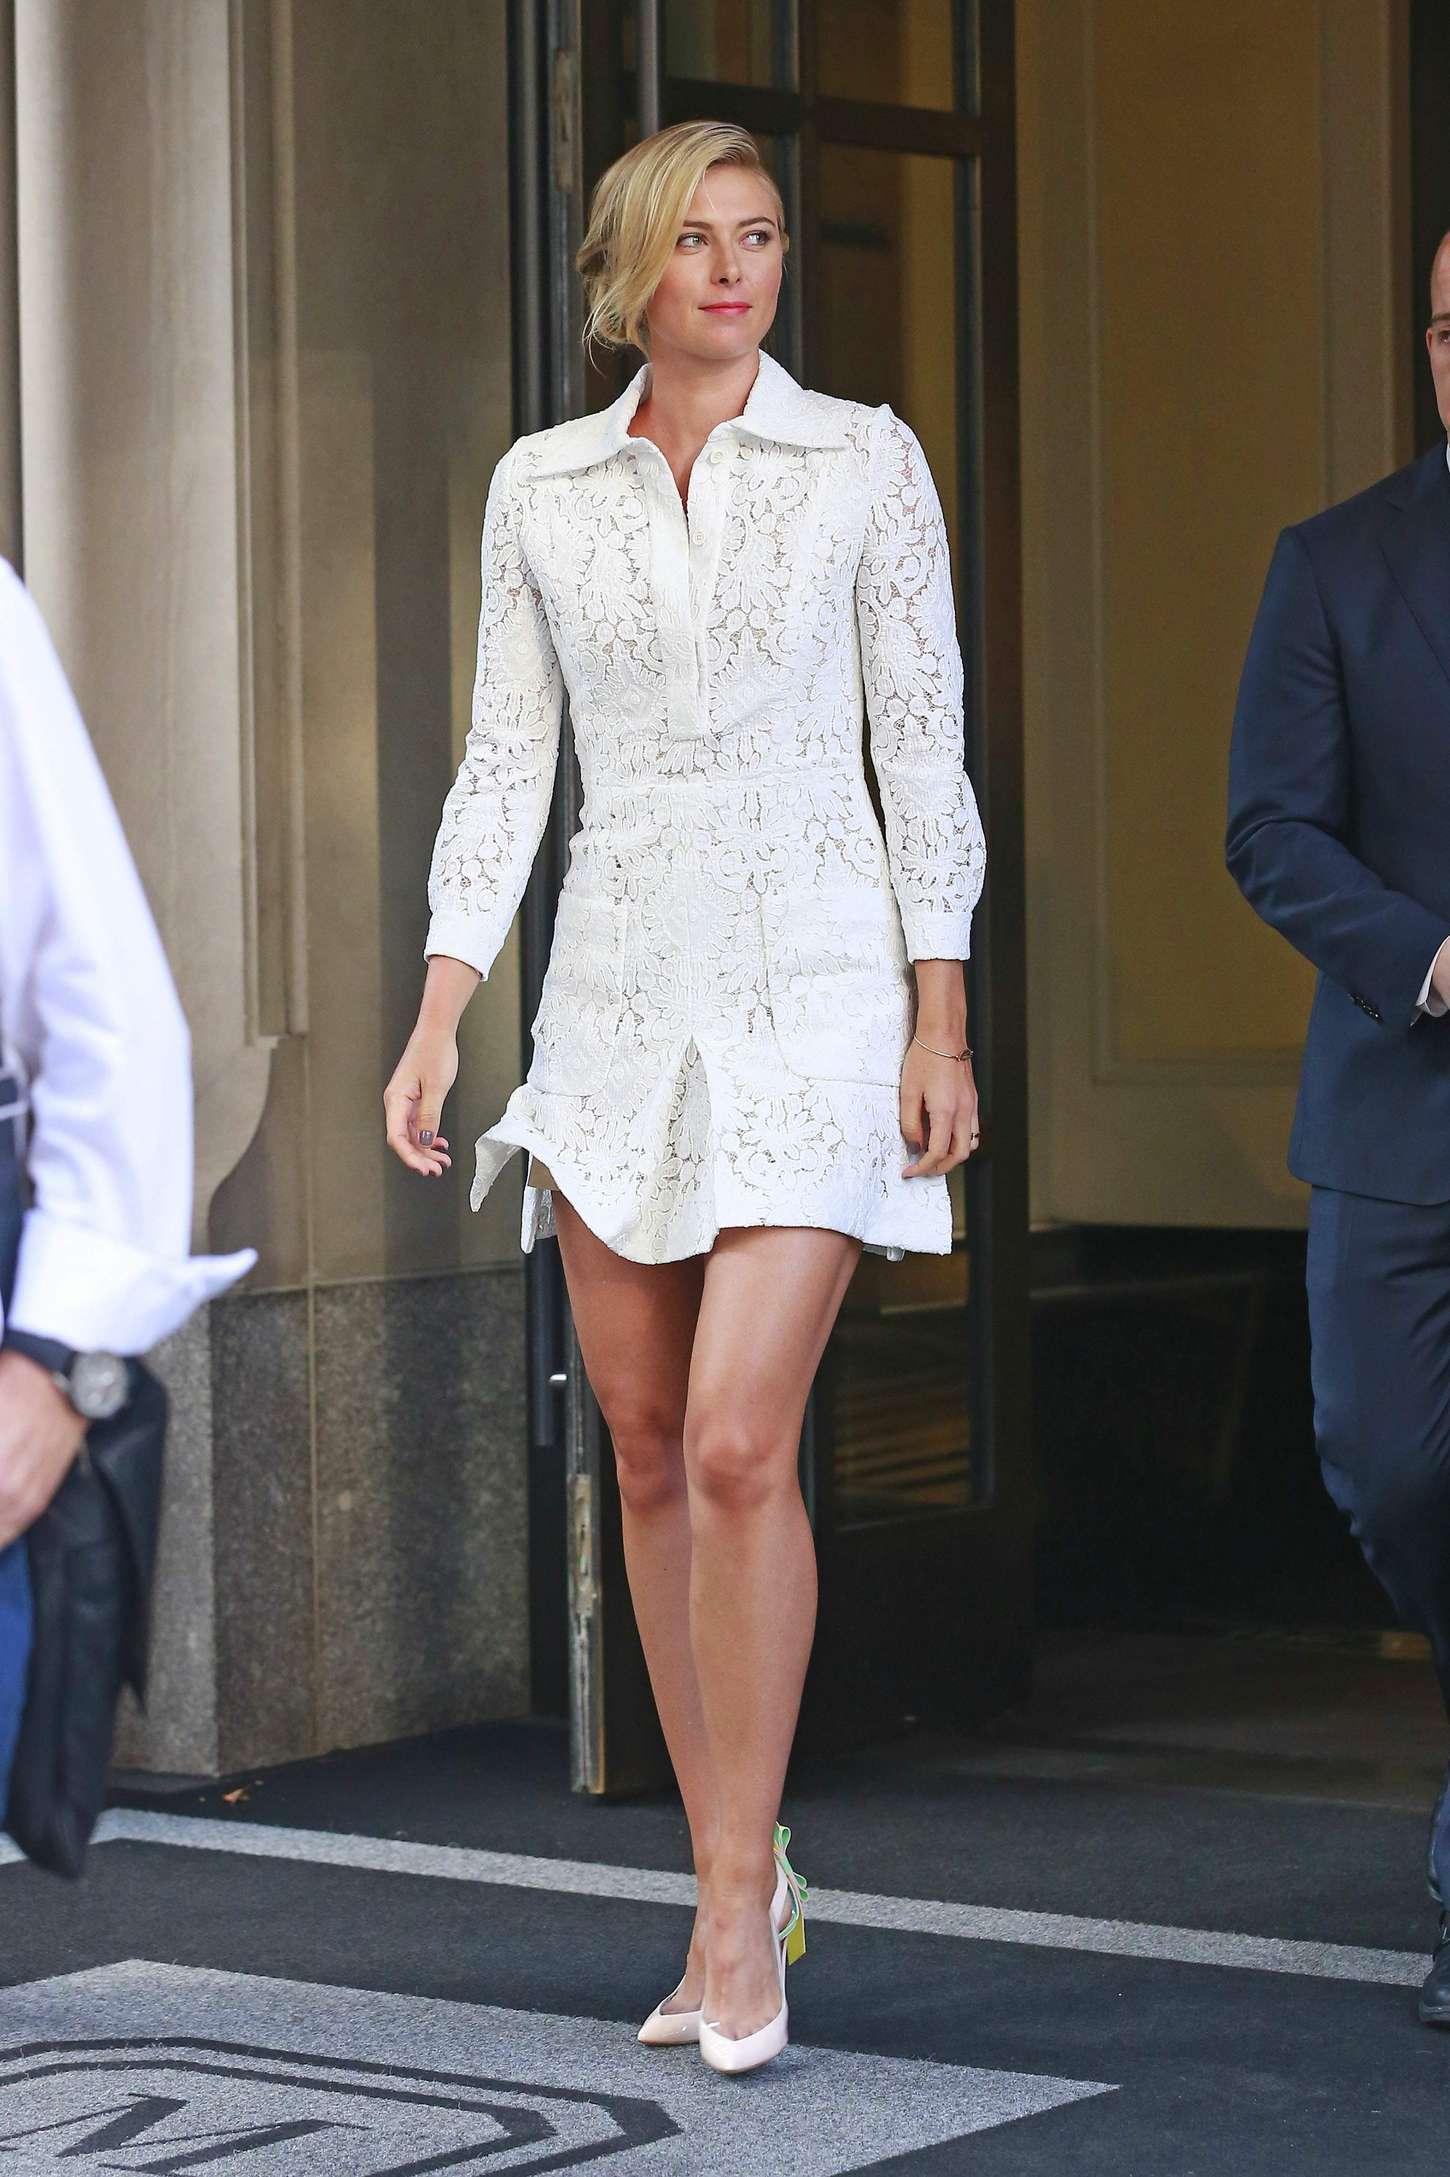 Maria Sharapova In White Mini Dress 11 Gotceleb